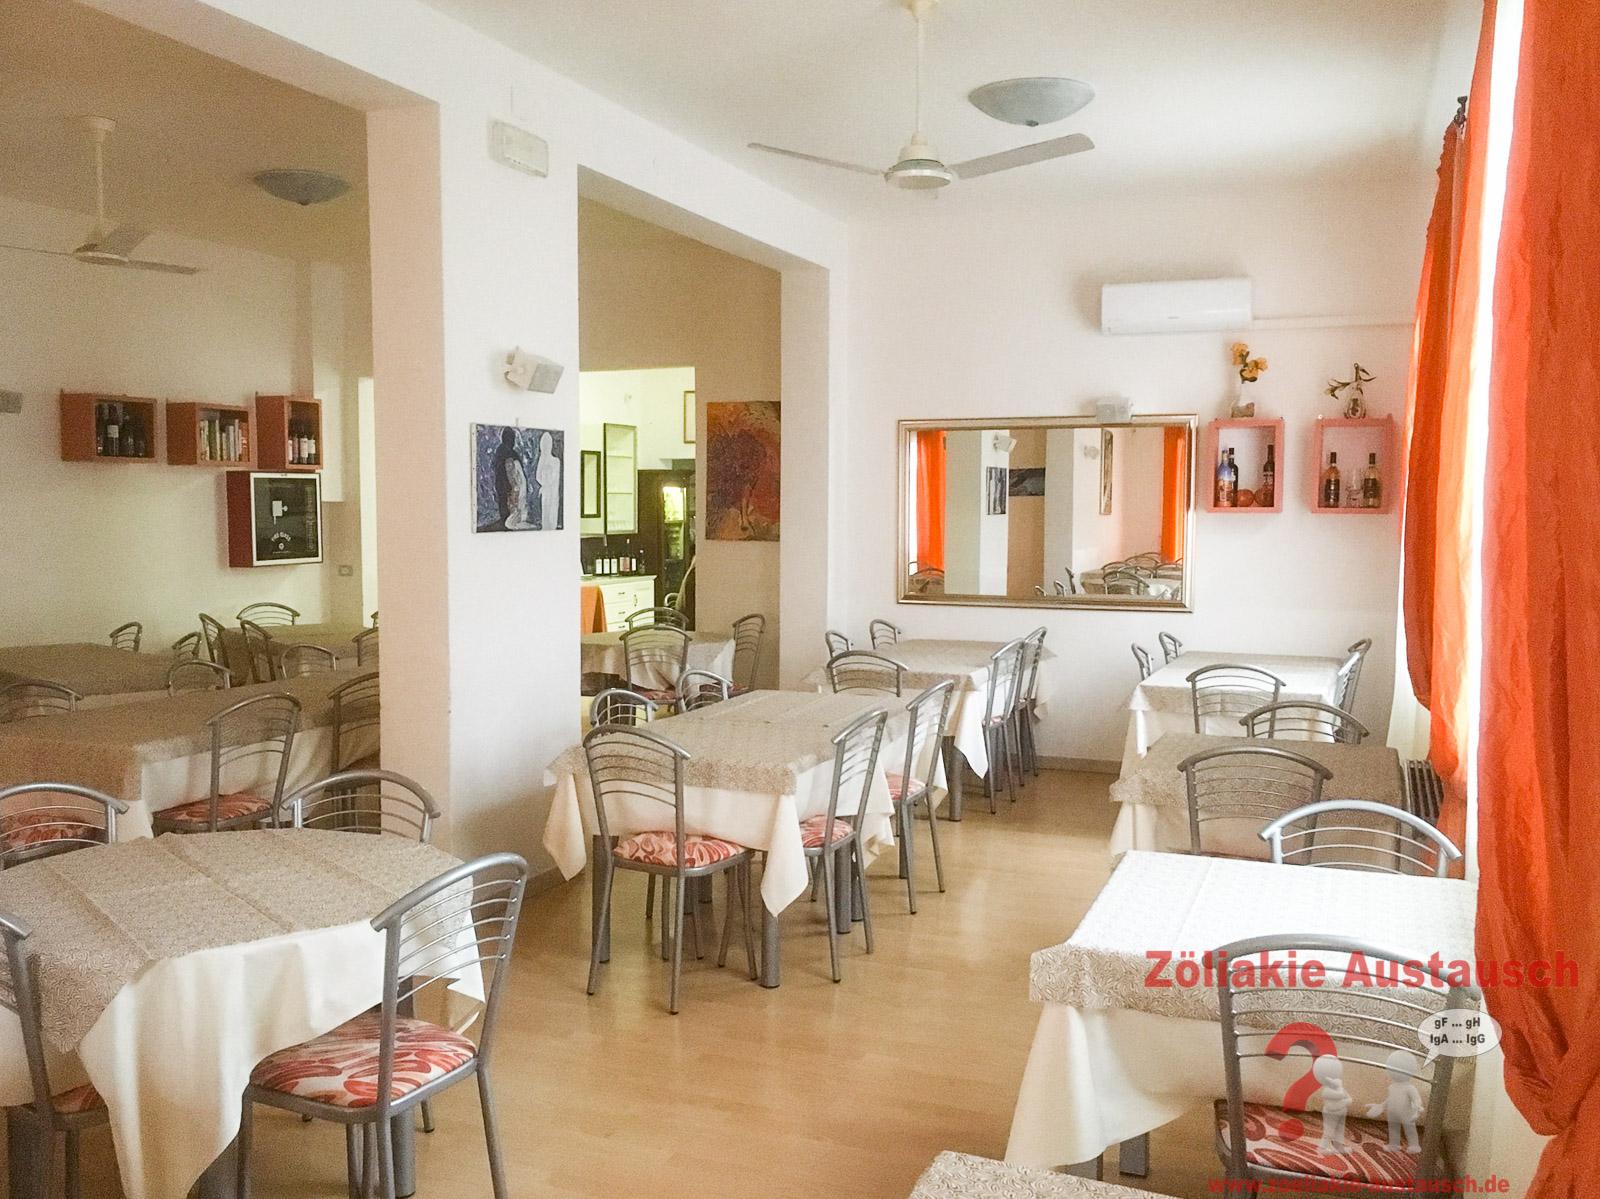 Speisesaal Hotel Vera 2*